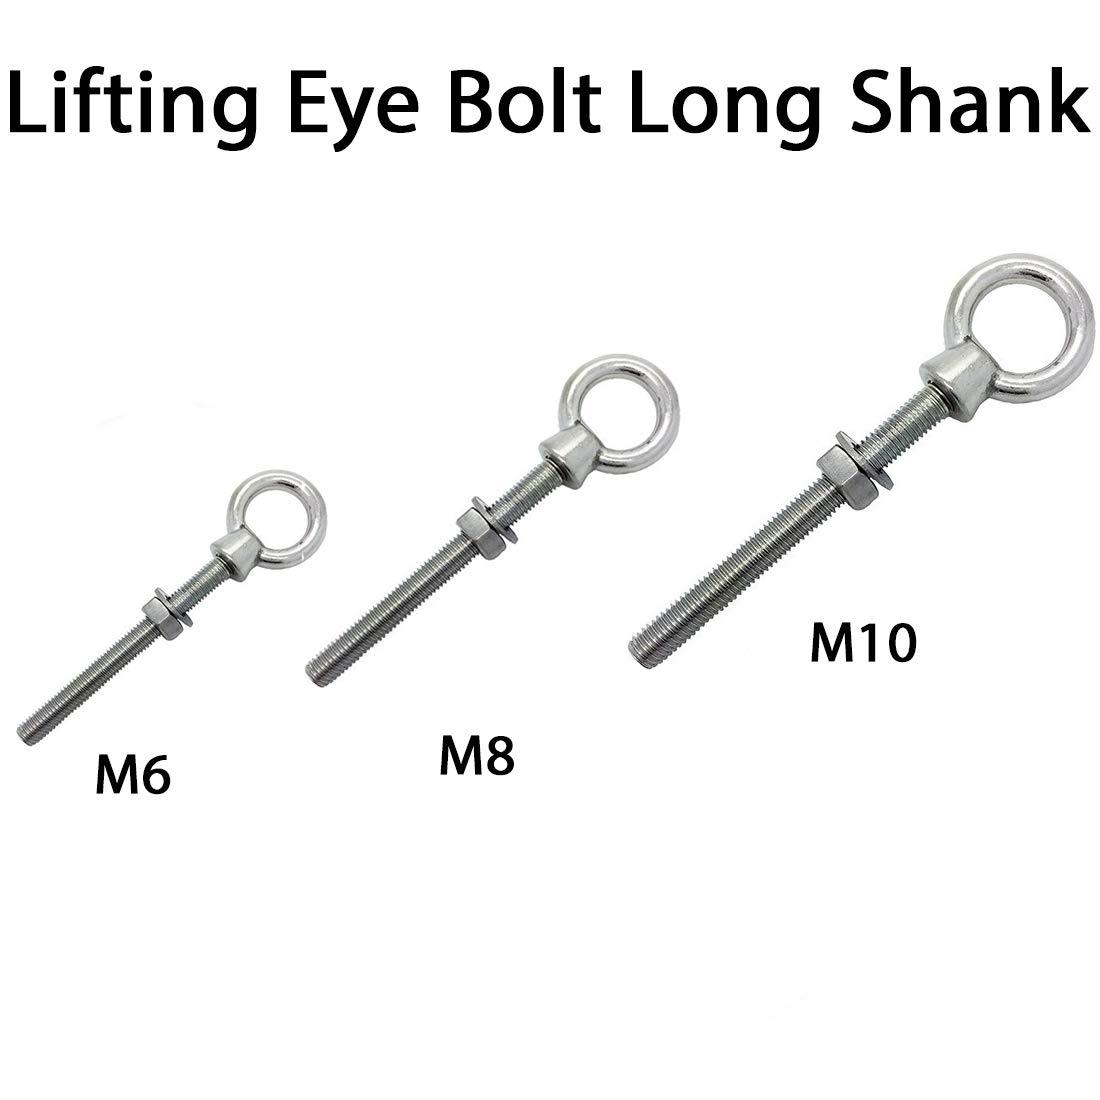 12mm x 120mm  STAINLESS STEEL 316  LONG SHANK EYEBOLT